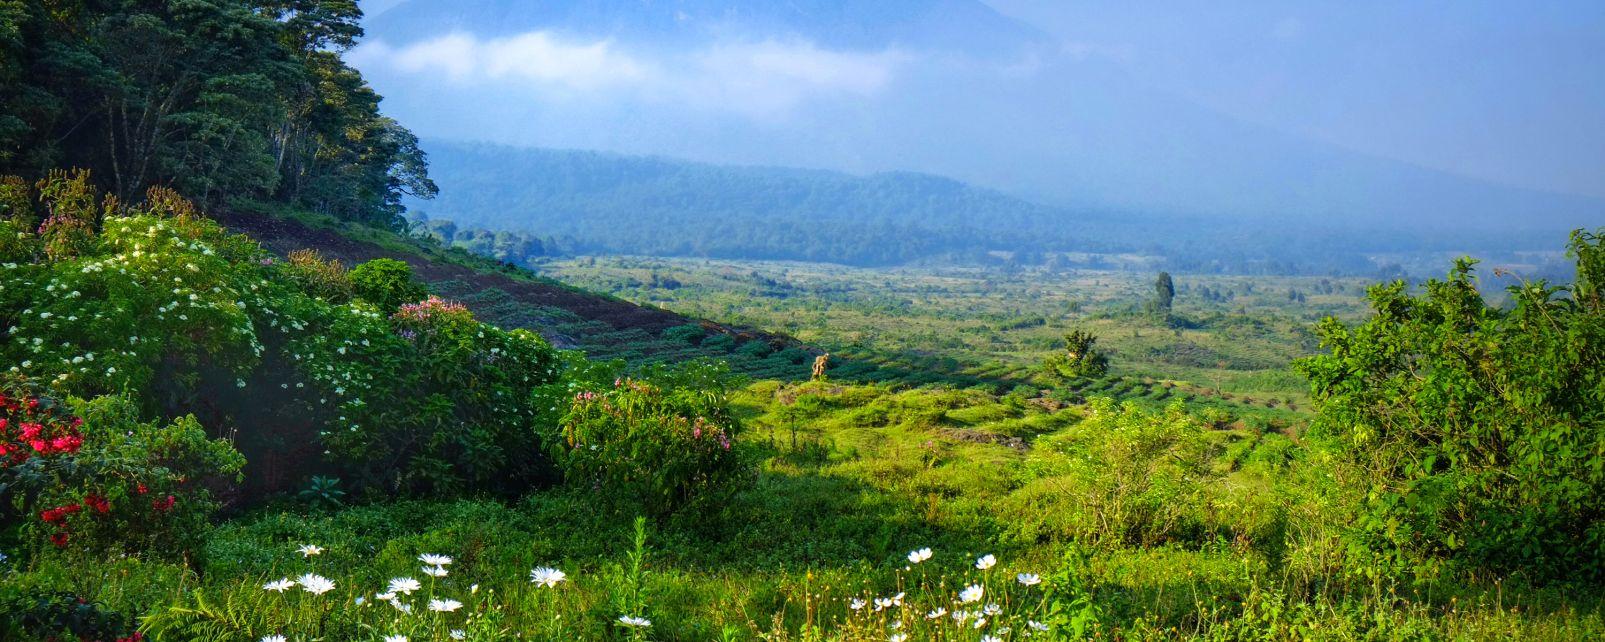 , El Parque Nacional de Virunga, Los paisajes, República Democrática del Congo